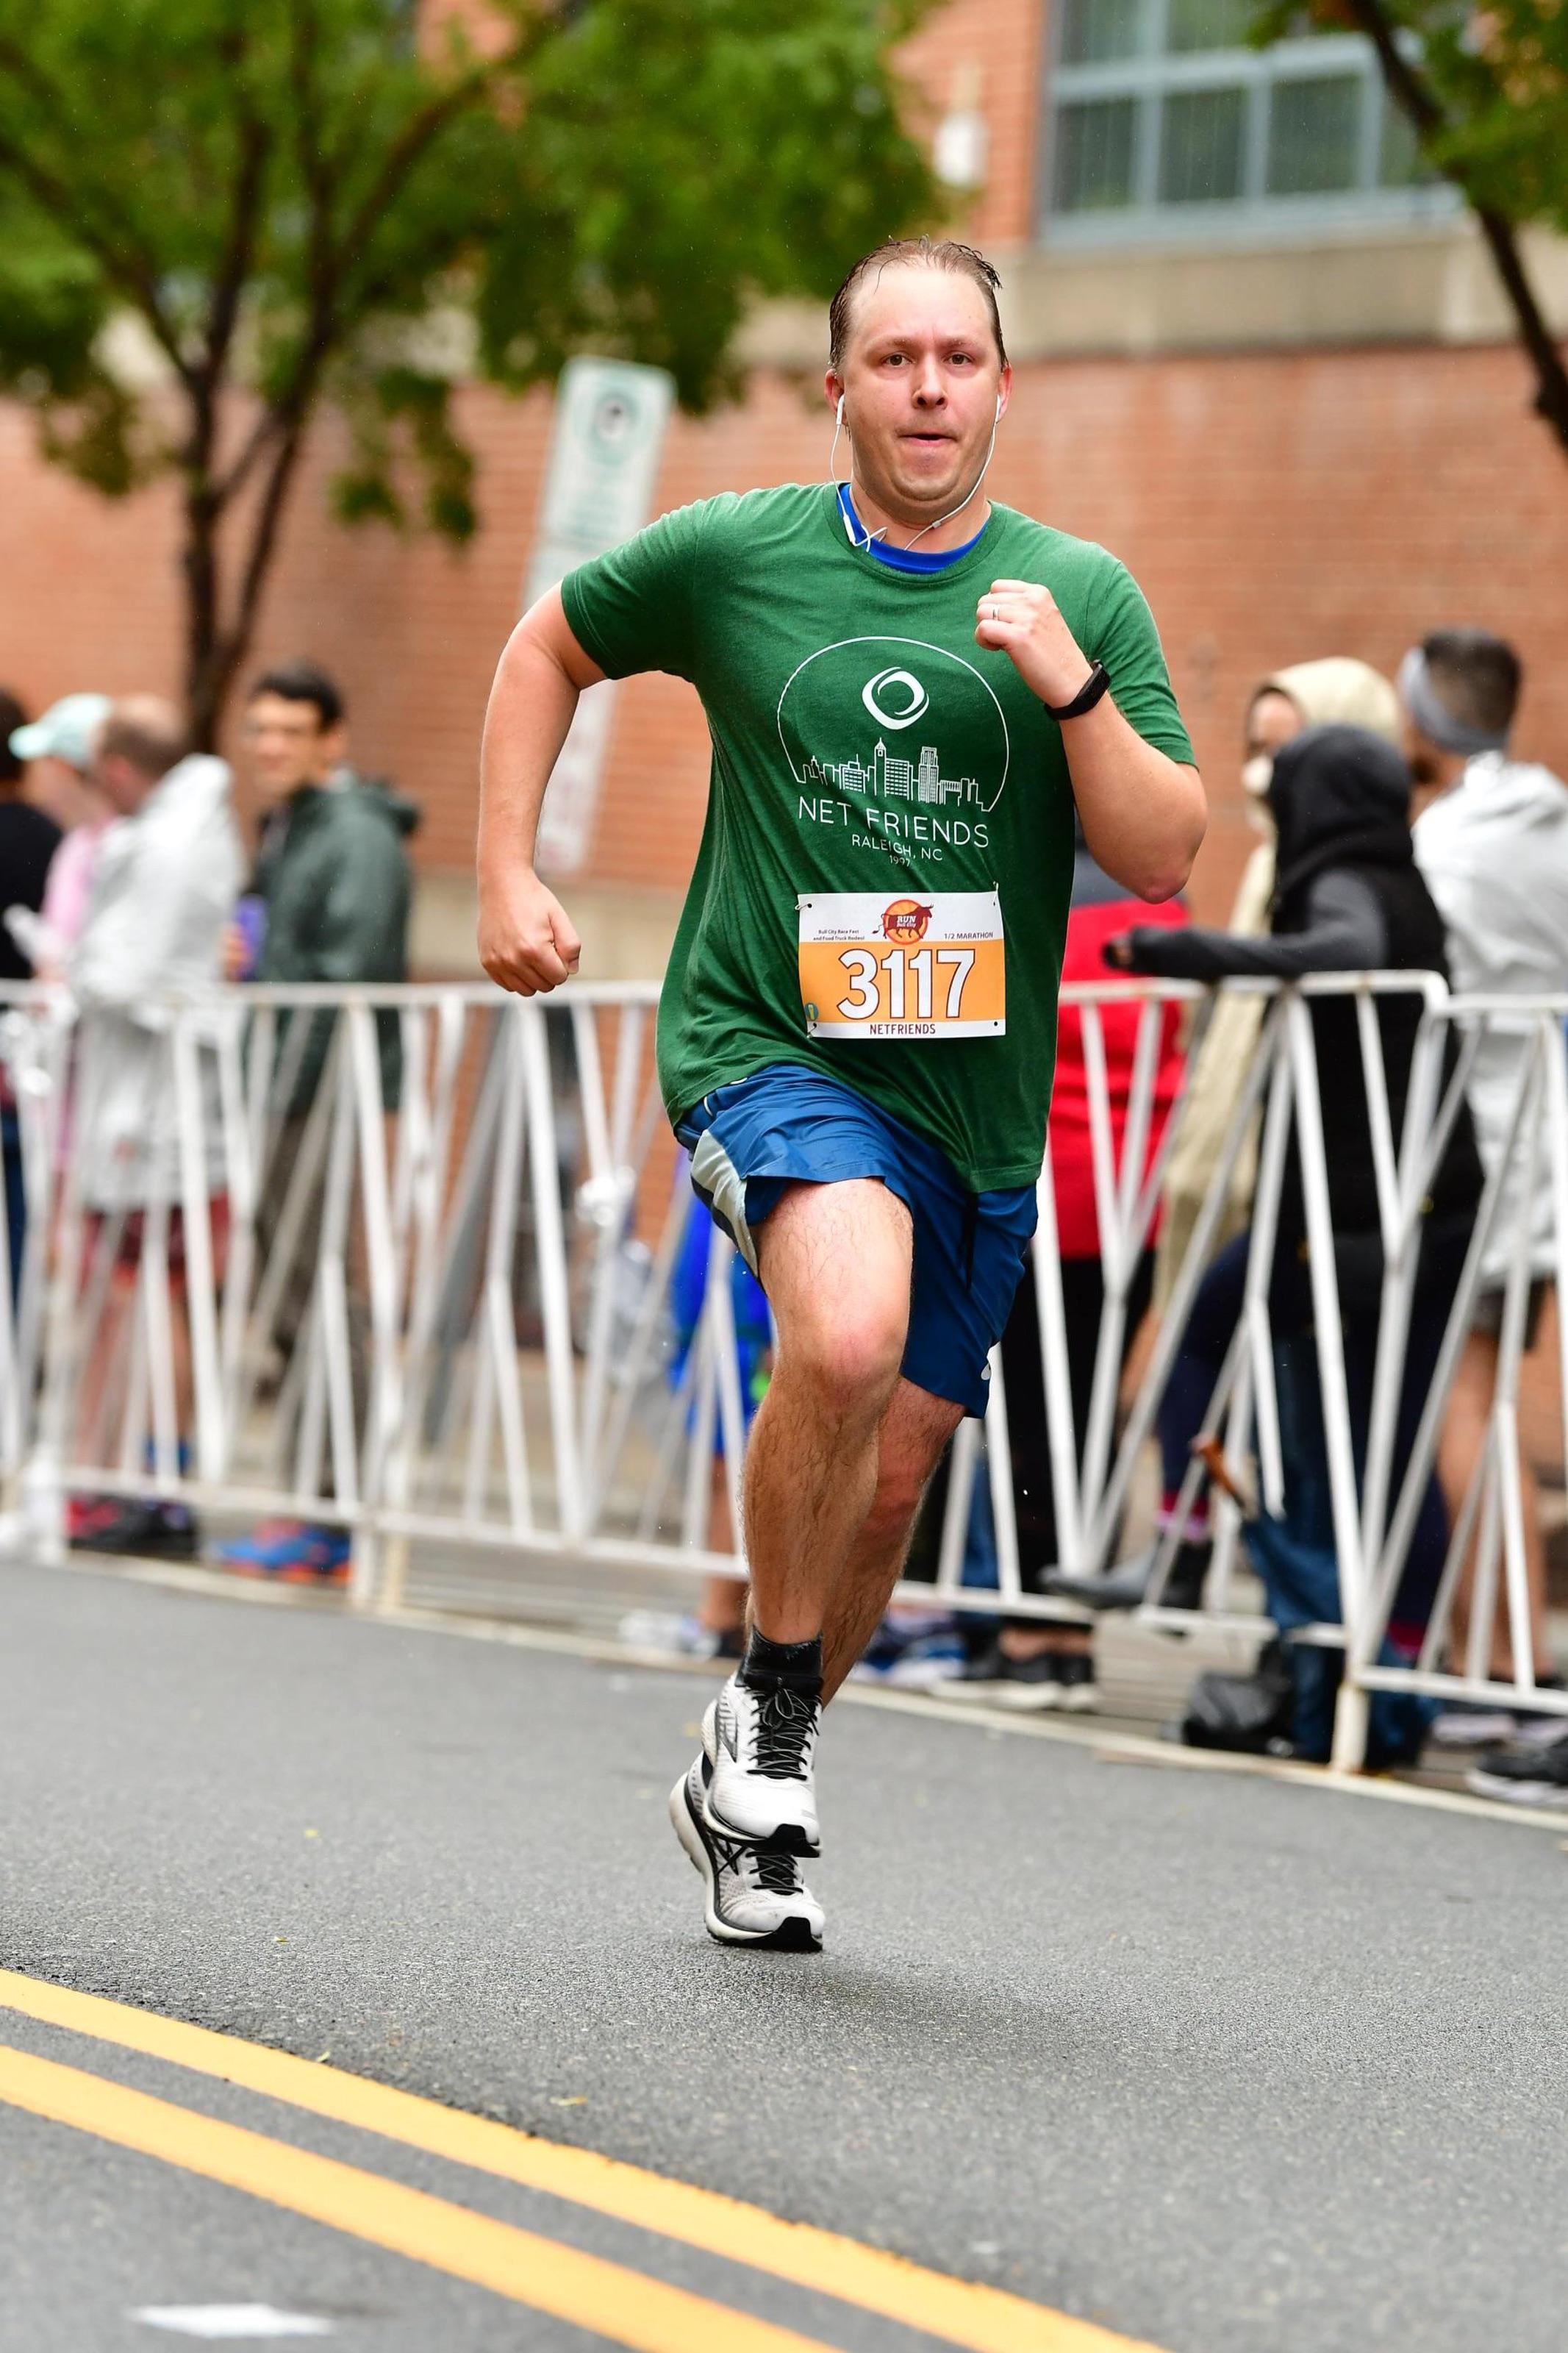 John Snyder, Net Friends CEO running a race